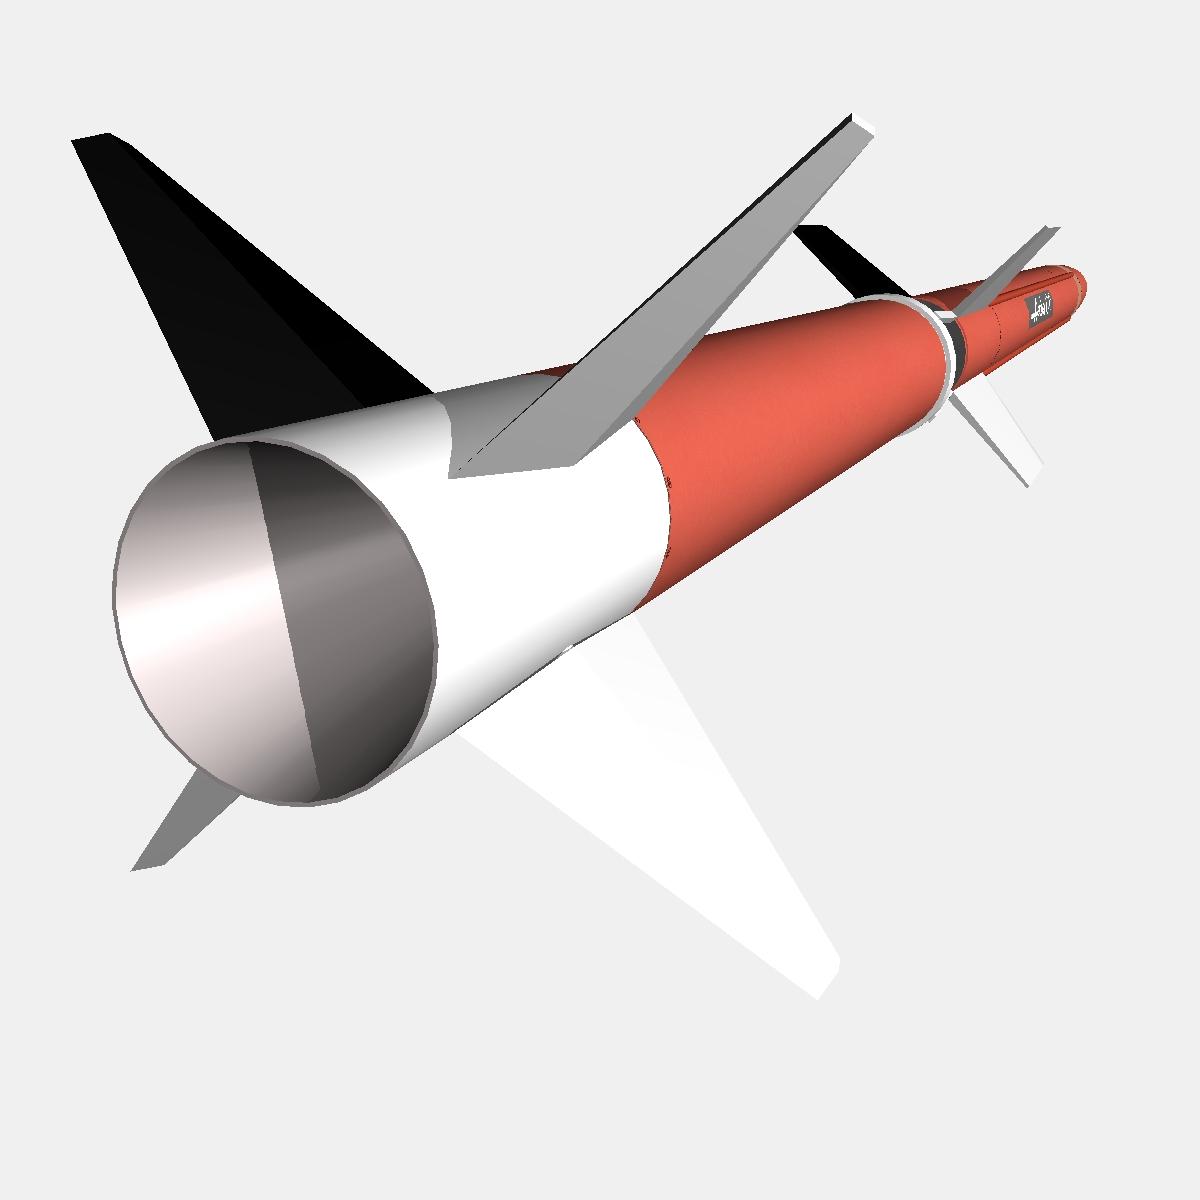 aerobee 170 raķete 3d modelis 3ds dxf fbx blend cob dae x obj 166041